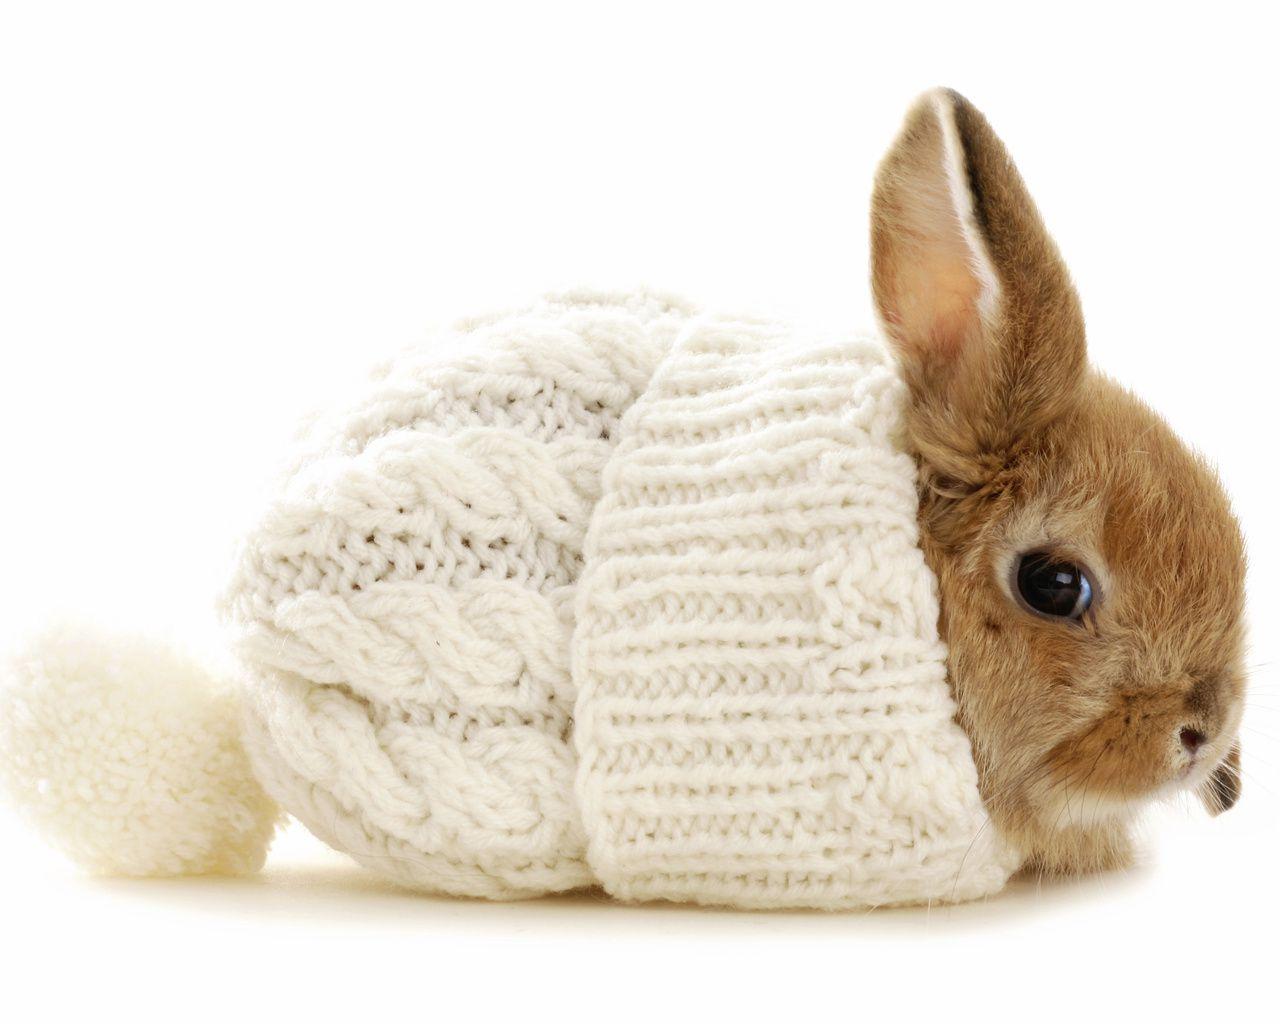 Задача приема Чиктоника - насыщение организма кроликов витаминами